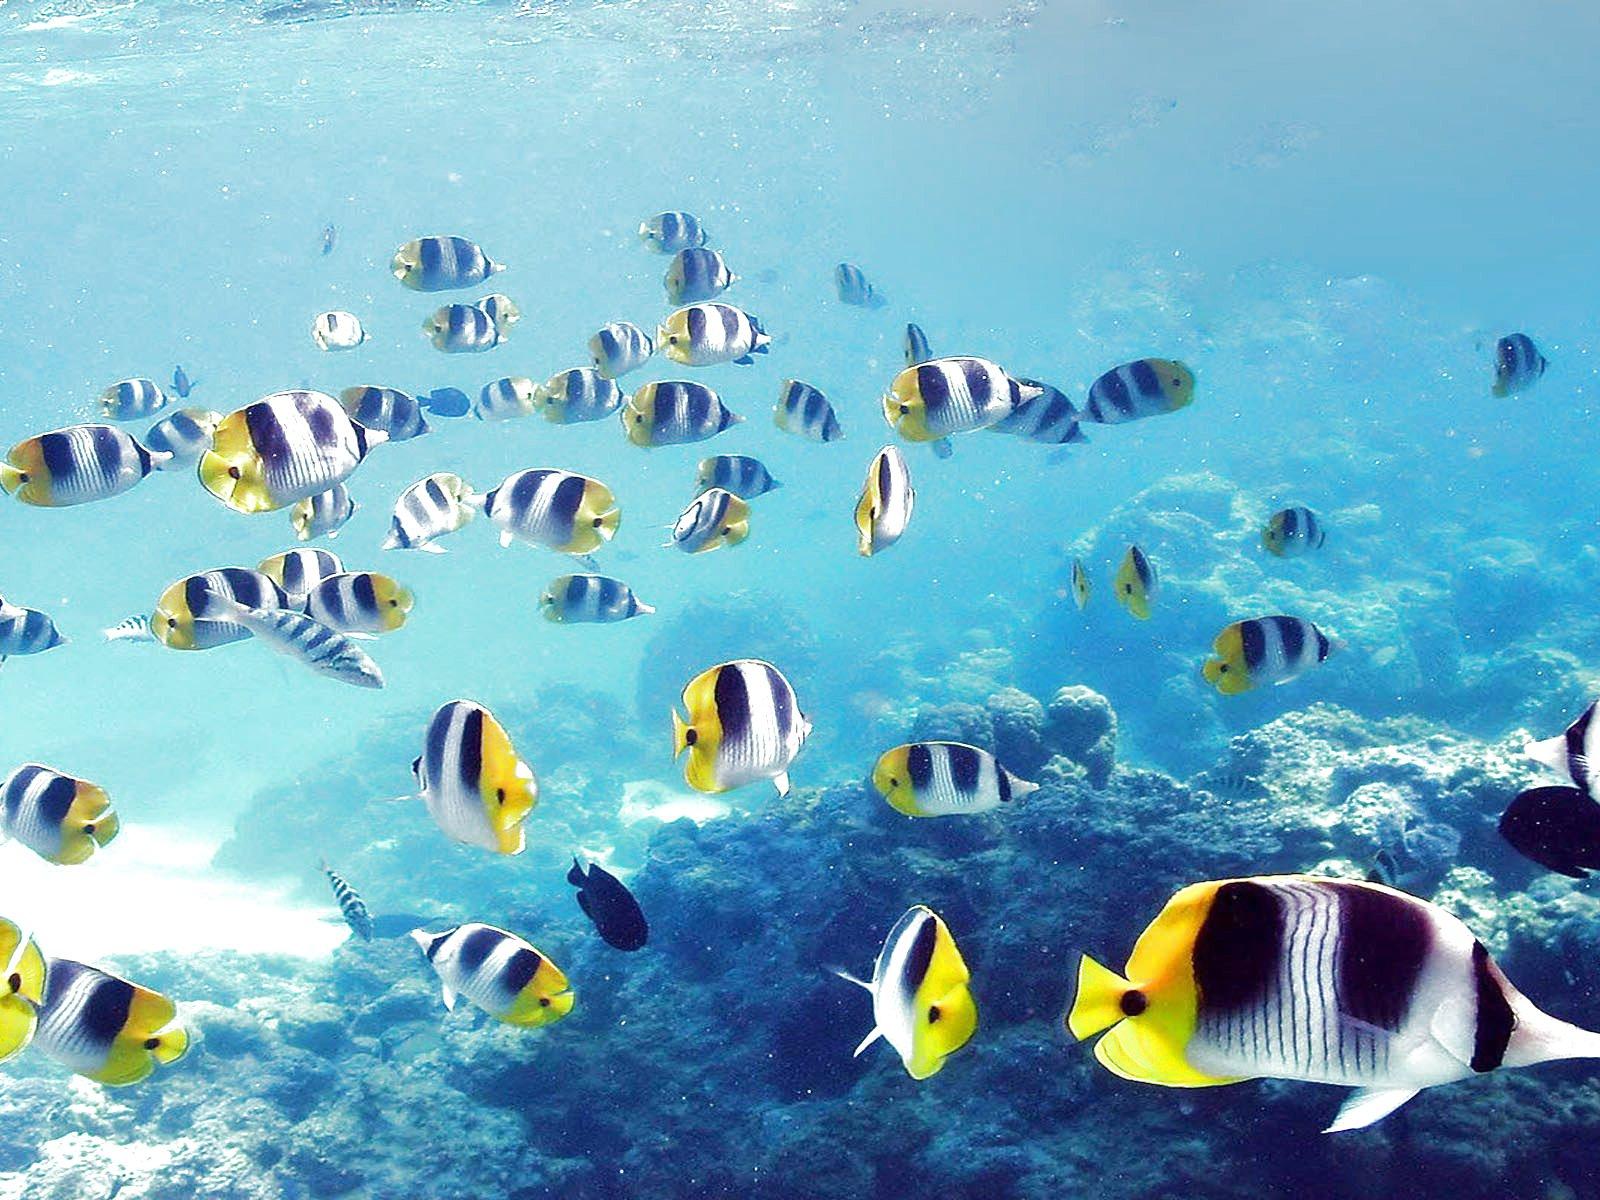 ryby v moři zdarma radiometrická věda o vytváření datování